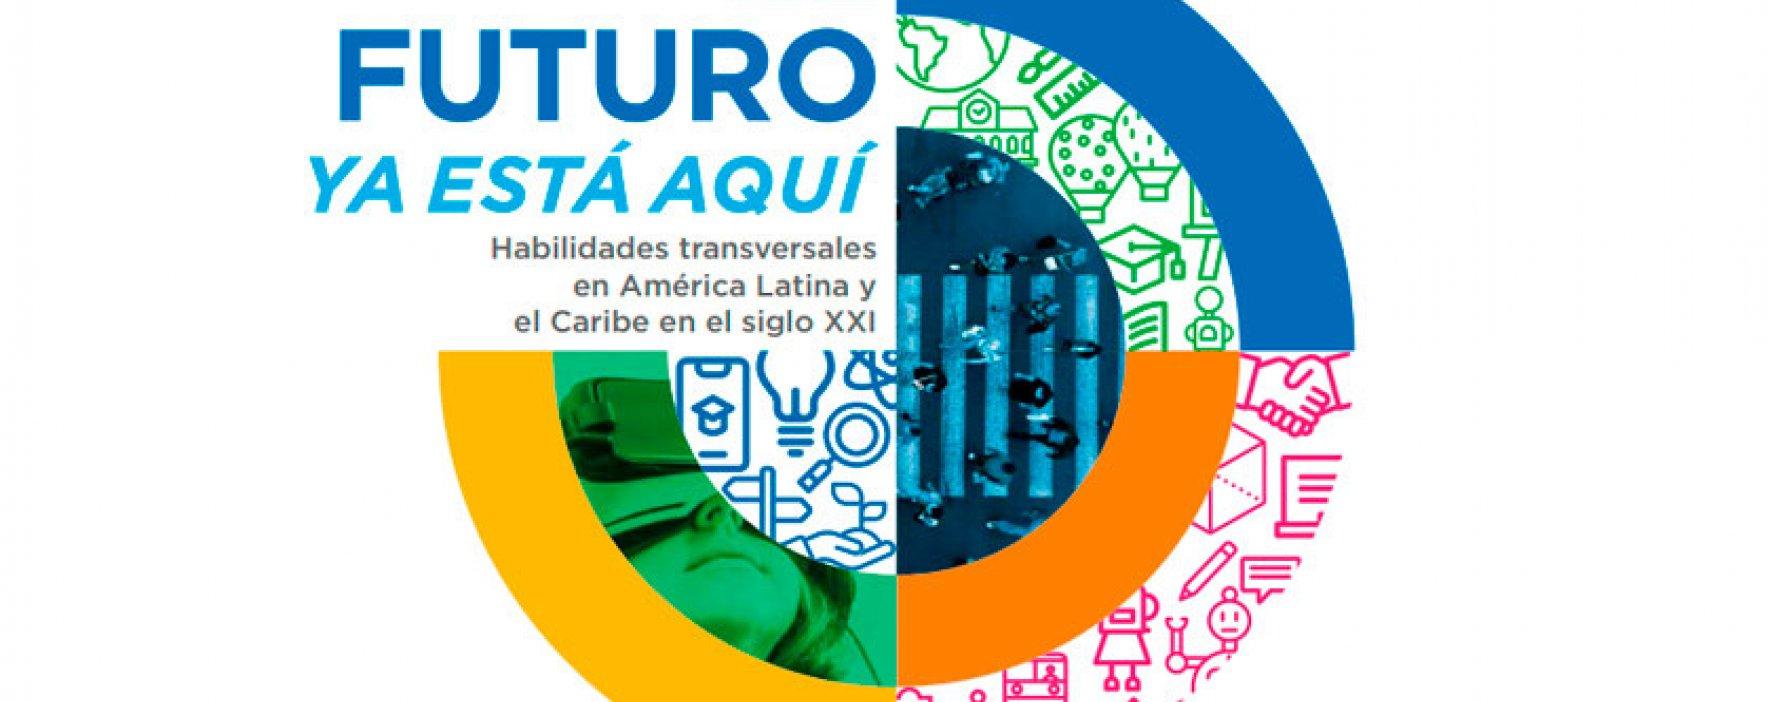 Una coalición mundial para la formación de habilidades del siglo XXI